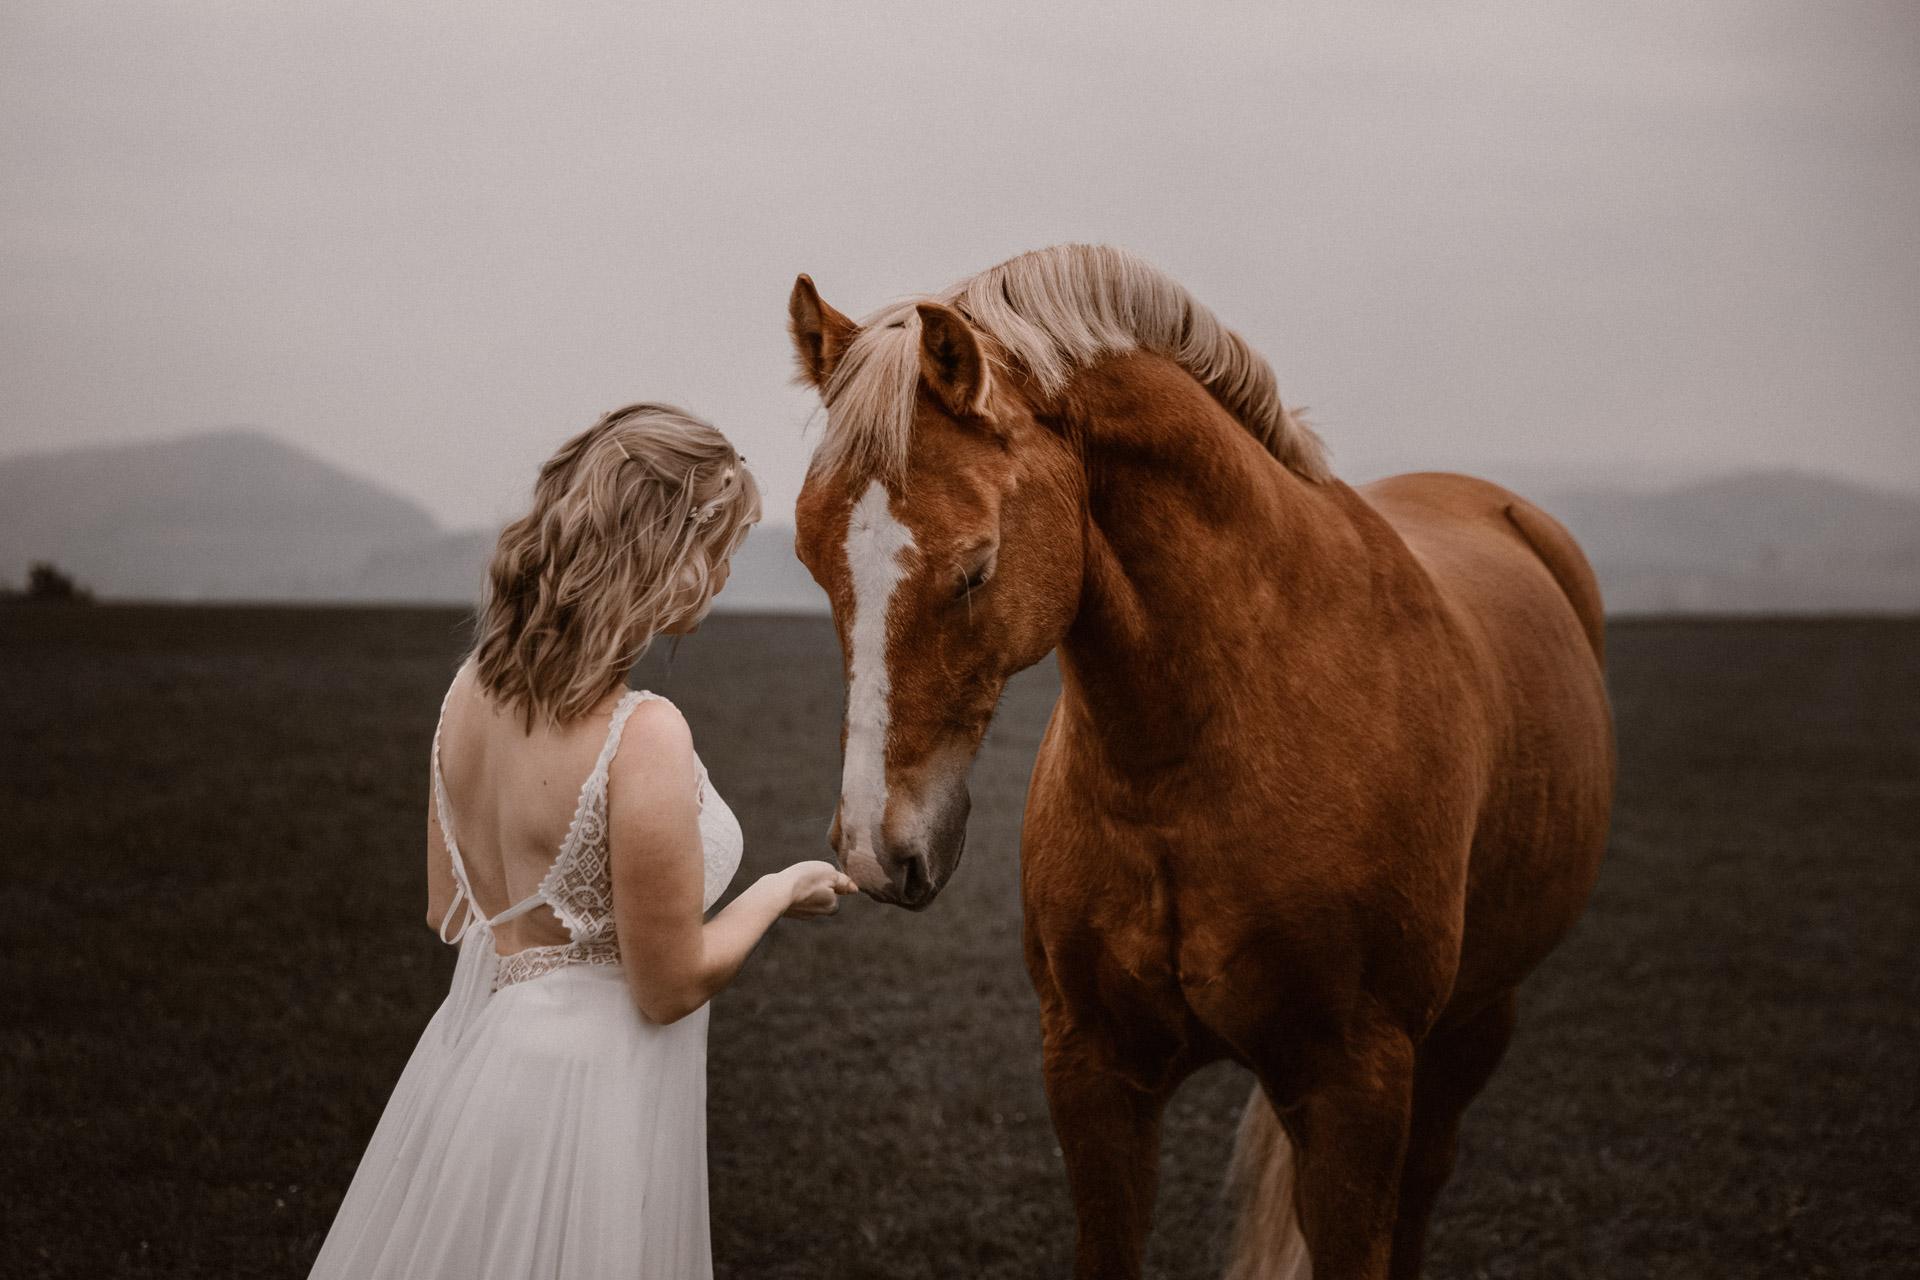 Tabitha Roth Pferdefotografin Schweiz Pferdeshooting Freiberger Hochzeitskleid Braut